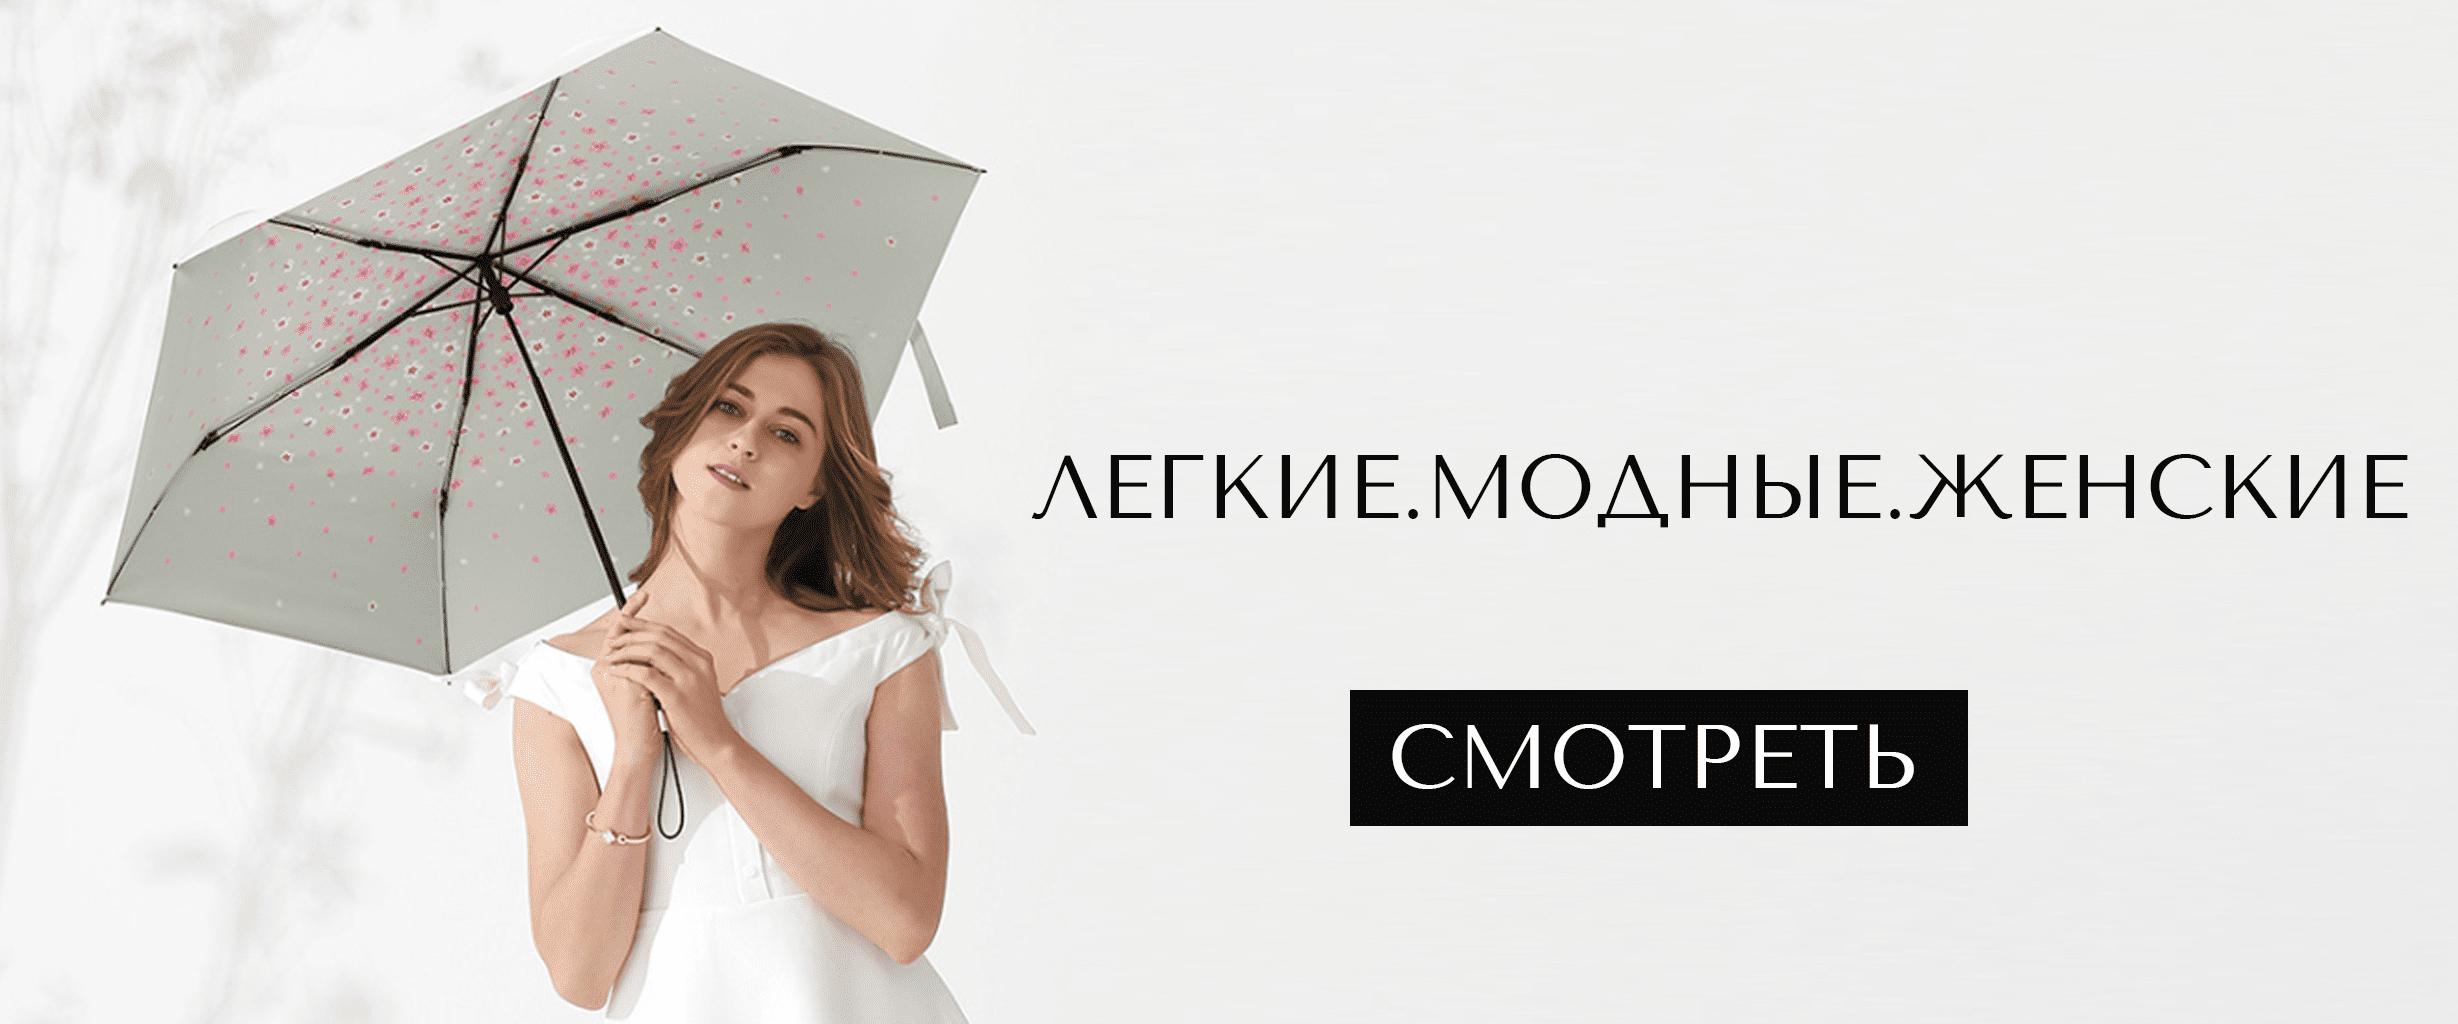 Стильные зонты